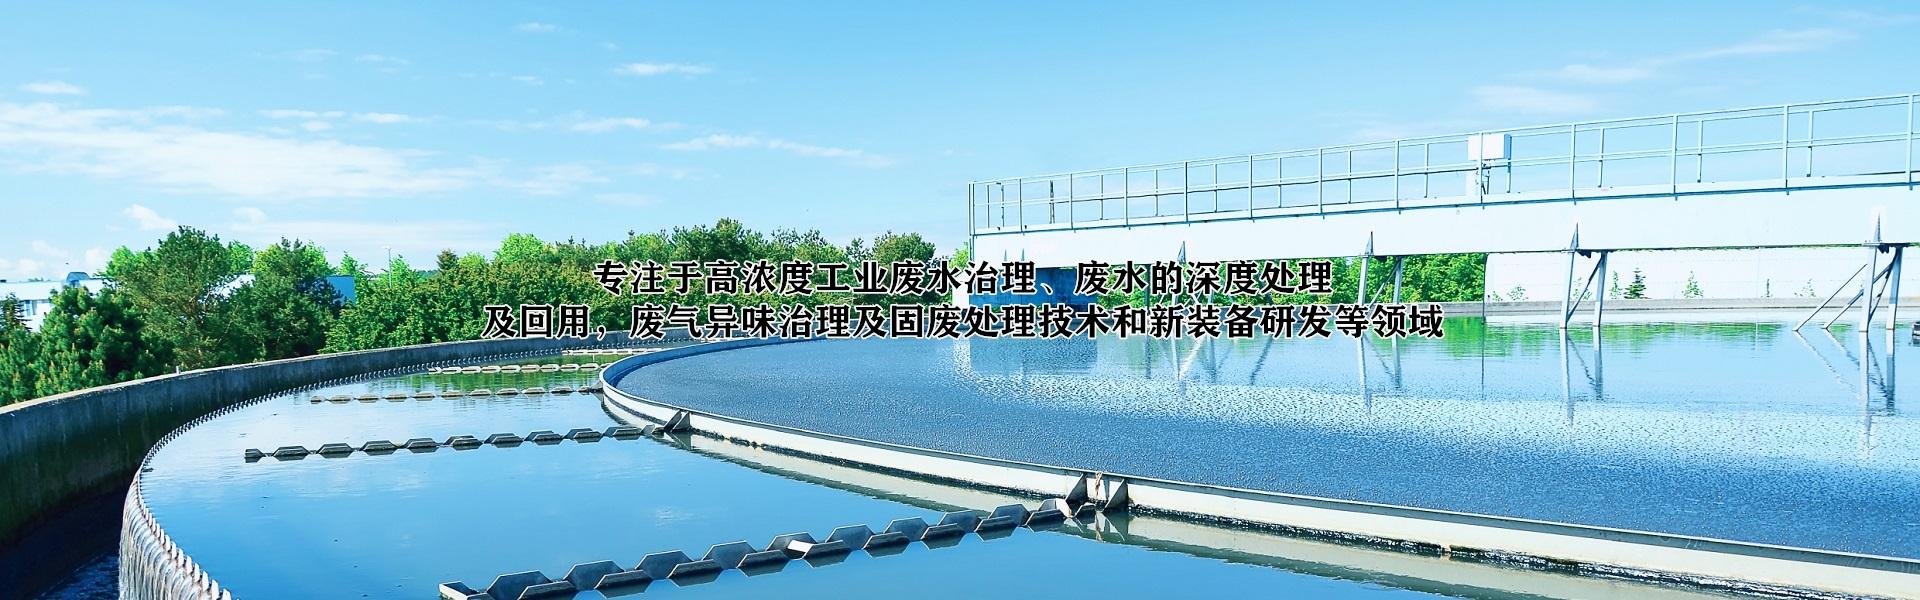 川元环境工程